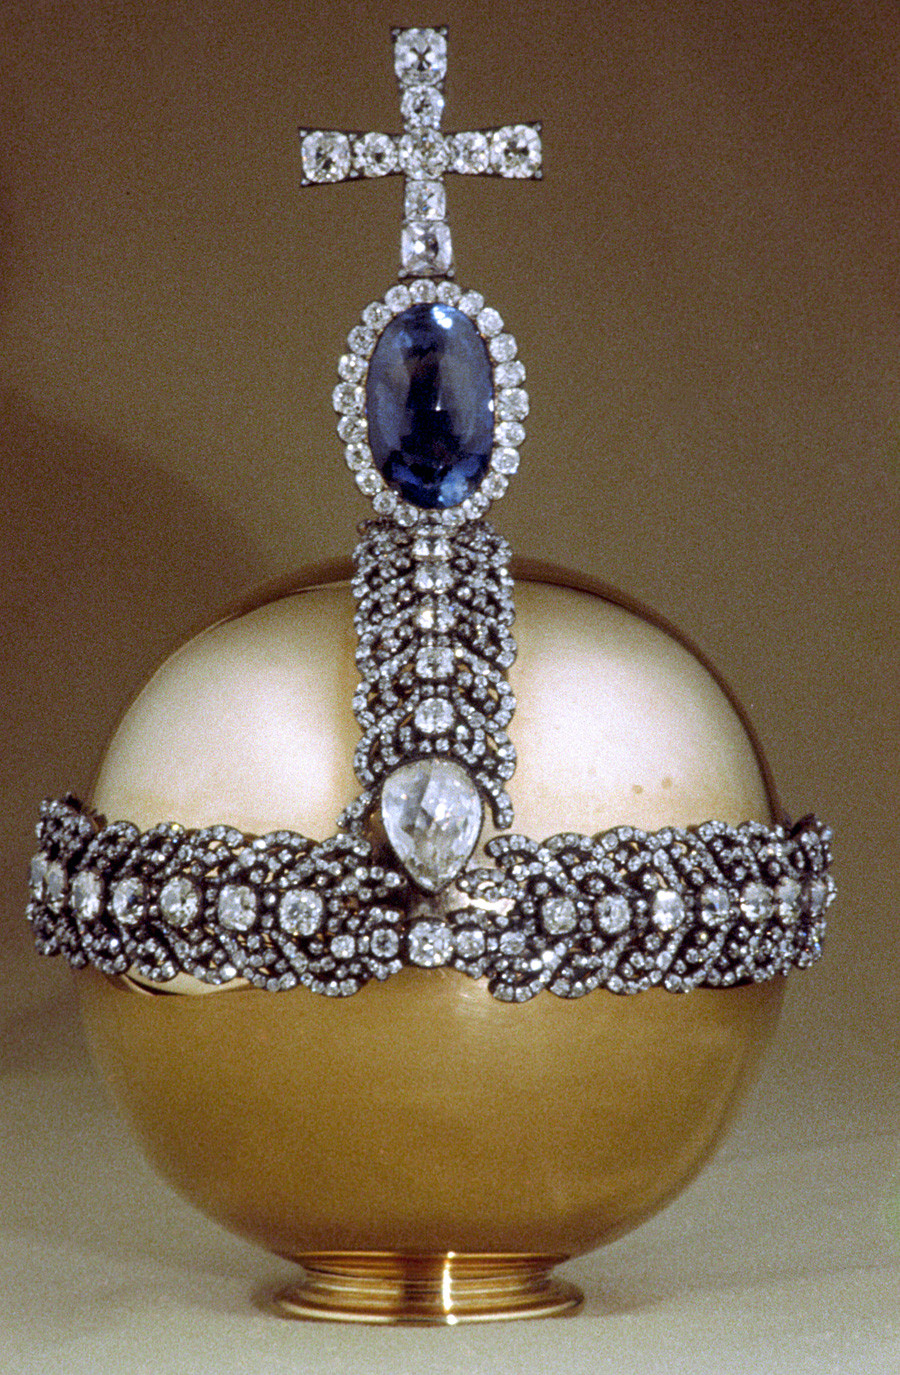 Ruska imperatorska deržava koju je 1762. napravio draguljar Ekart, a 1984. su je restaurirali Ivanov i Aleksahin. Crveno zlato. Križ od brilijanata stoji na Cejlonskom safiru. Dijamantni fond, Moskovski kremlj.